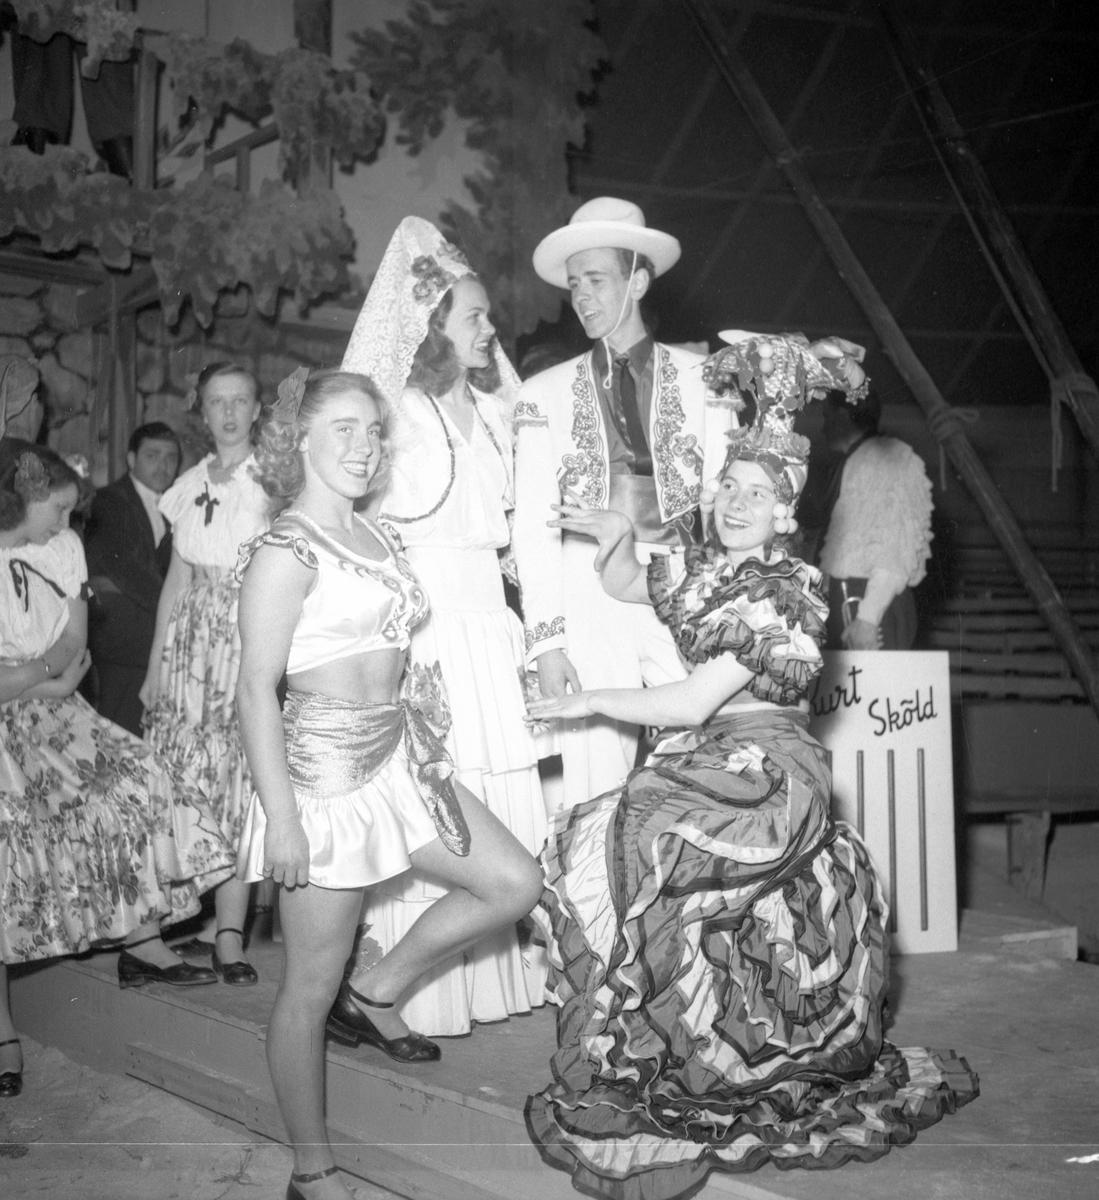 Furuviksparken invigdes 1936  1950 var ett år då Furuviksparken investerade kraftigt.  Cirkus Mexikanskt tema